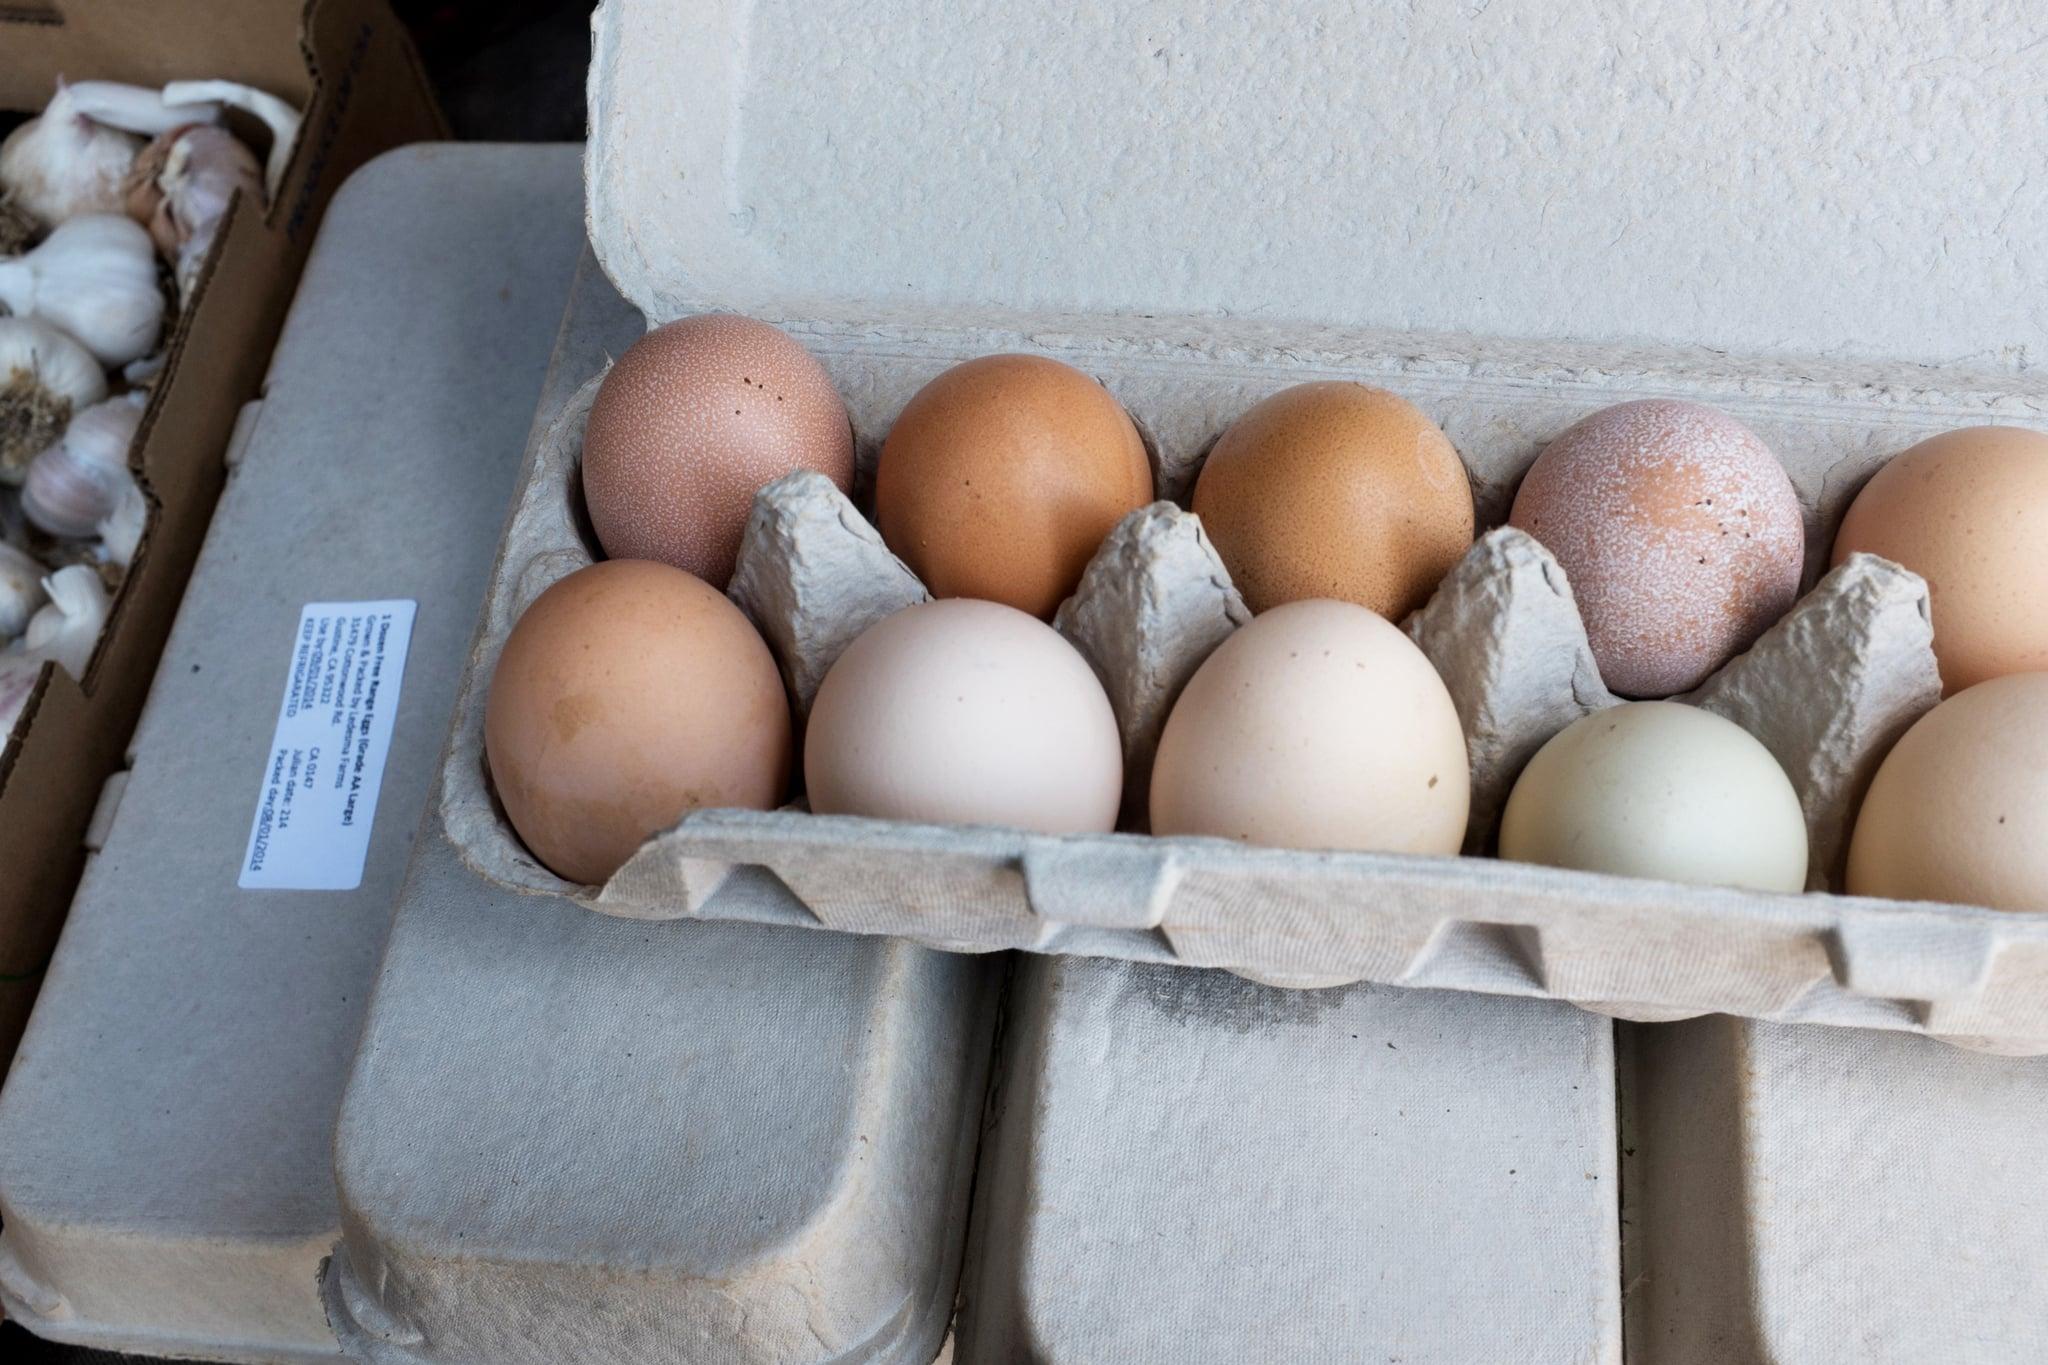 Are Egg Whites Healthier Than Egg Yolks? | POPSUGAR Fitness